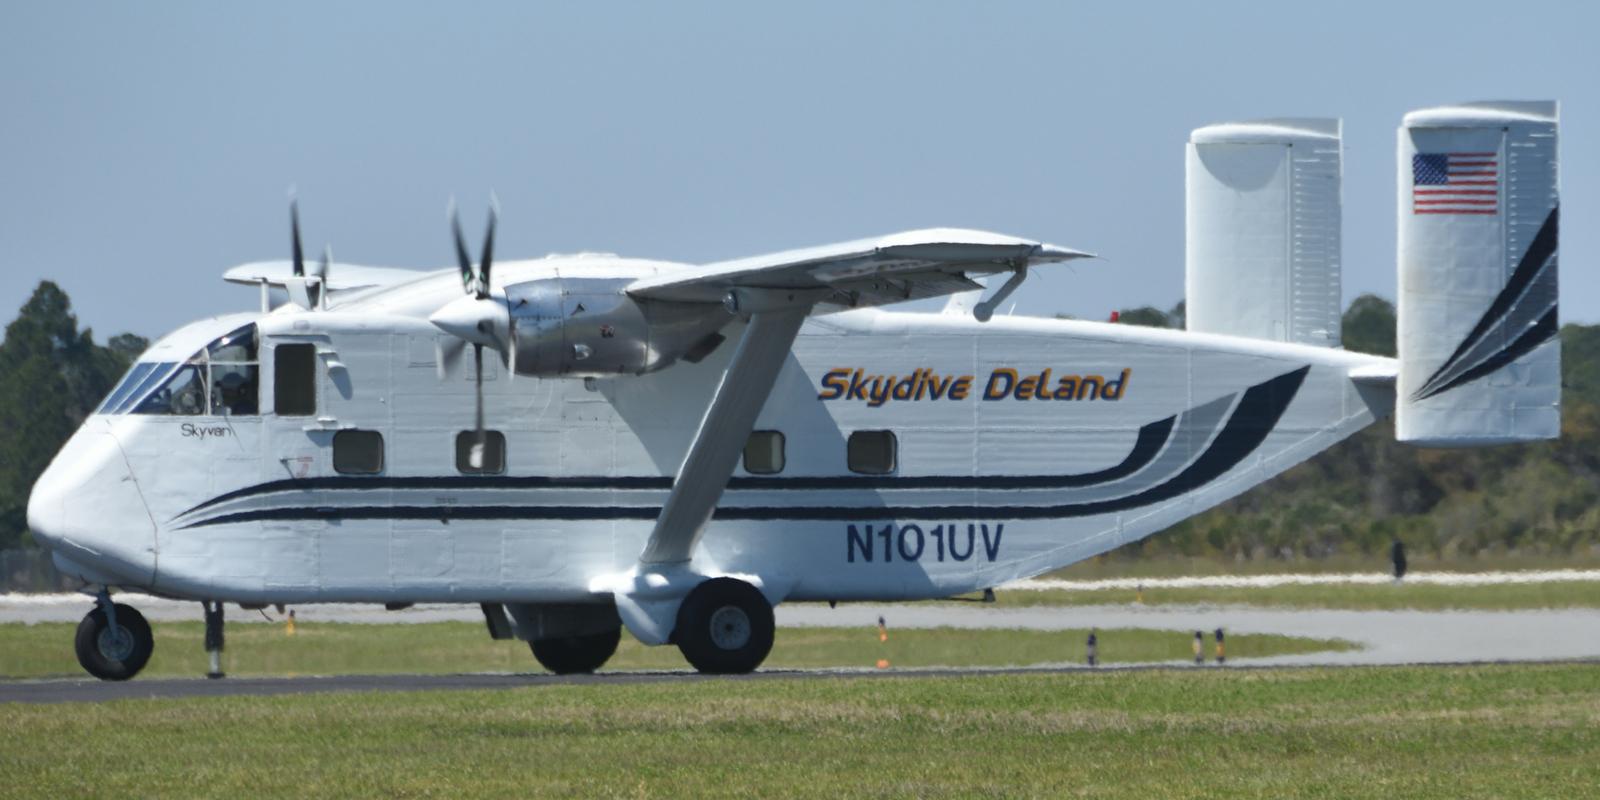 Skydive DeLand's Skyvan SC7 aircraft